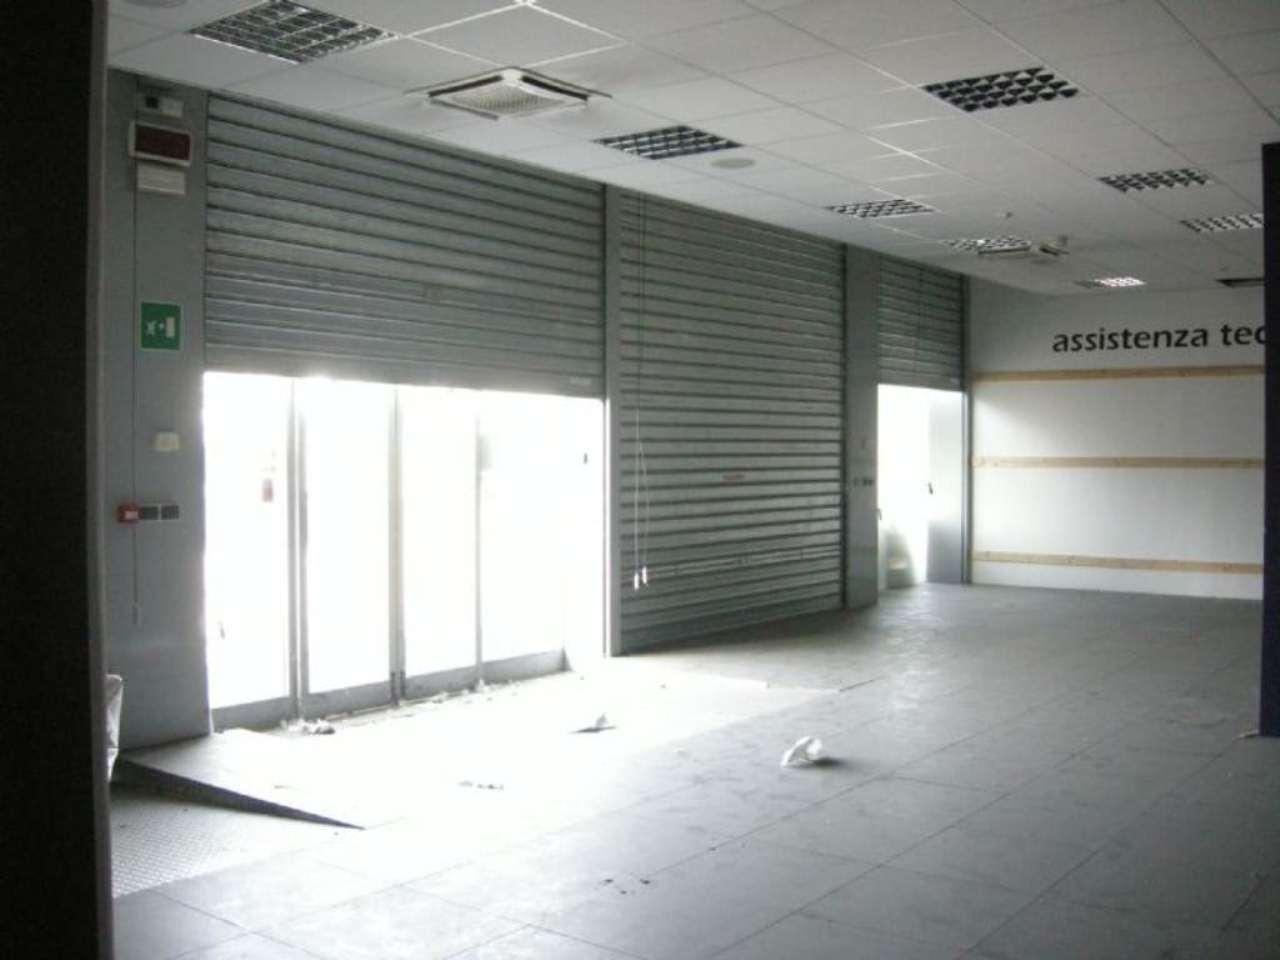 Negozio / Locale in vendita a Cernusco sul Naviglio, 9999 locali, prezzo € 1.100.000 | Cambio Casa.it